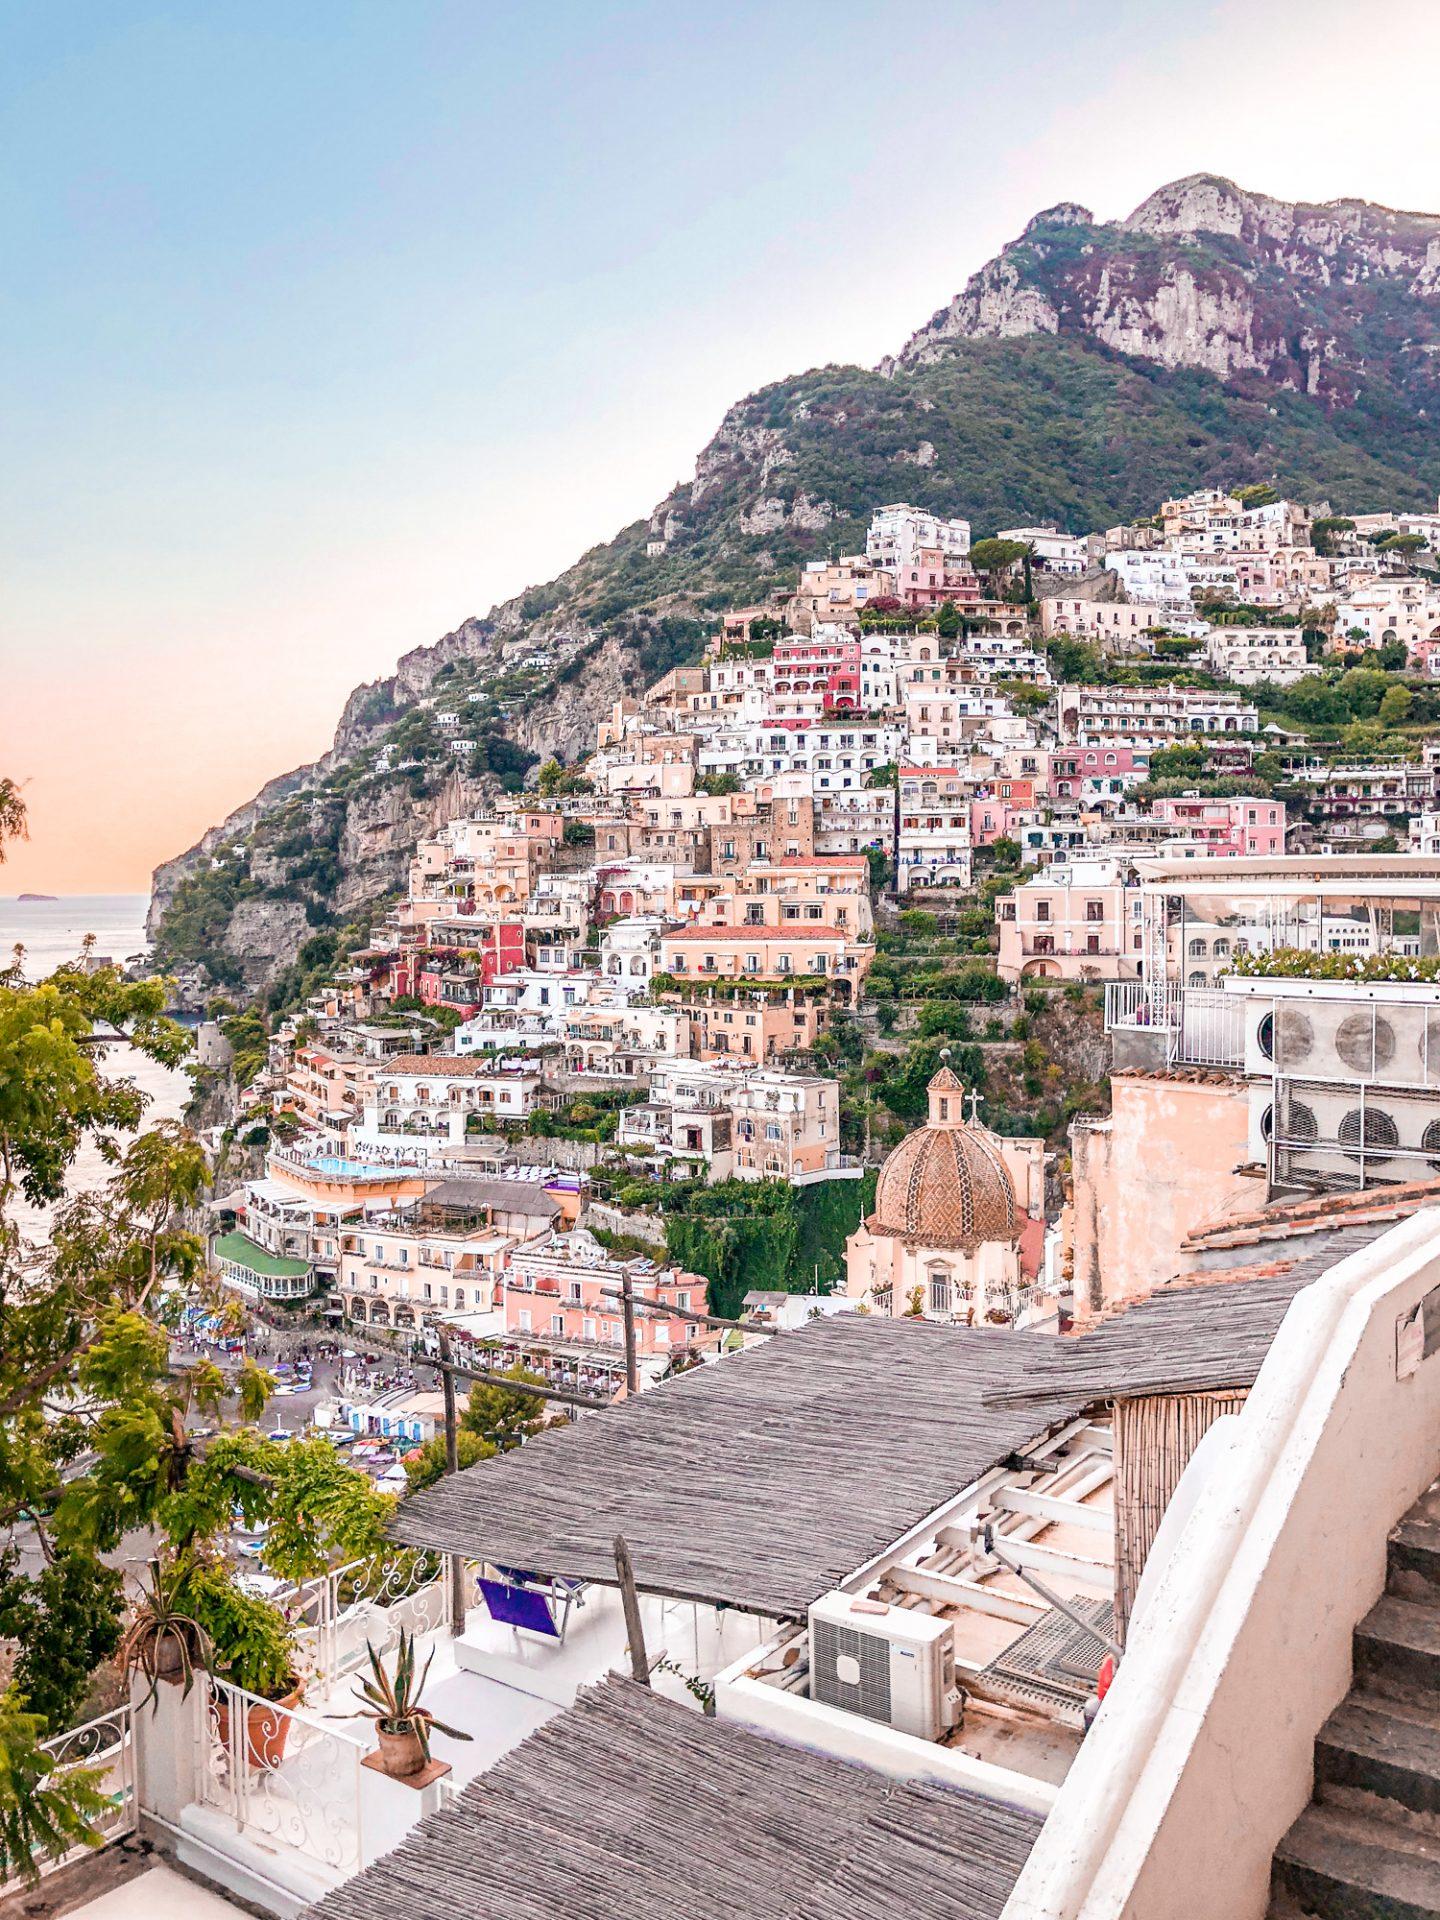 Positano – czy warto tam pojechać i czy jest warte swojej ceny? Hotele, jedzenie i co zrobić, aby wyjazd nie był aż taki drogi